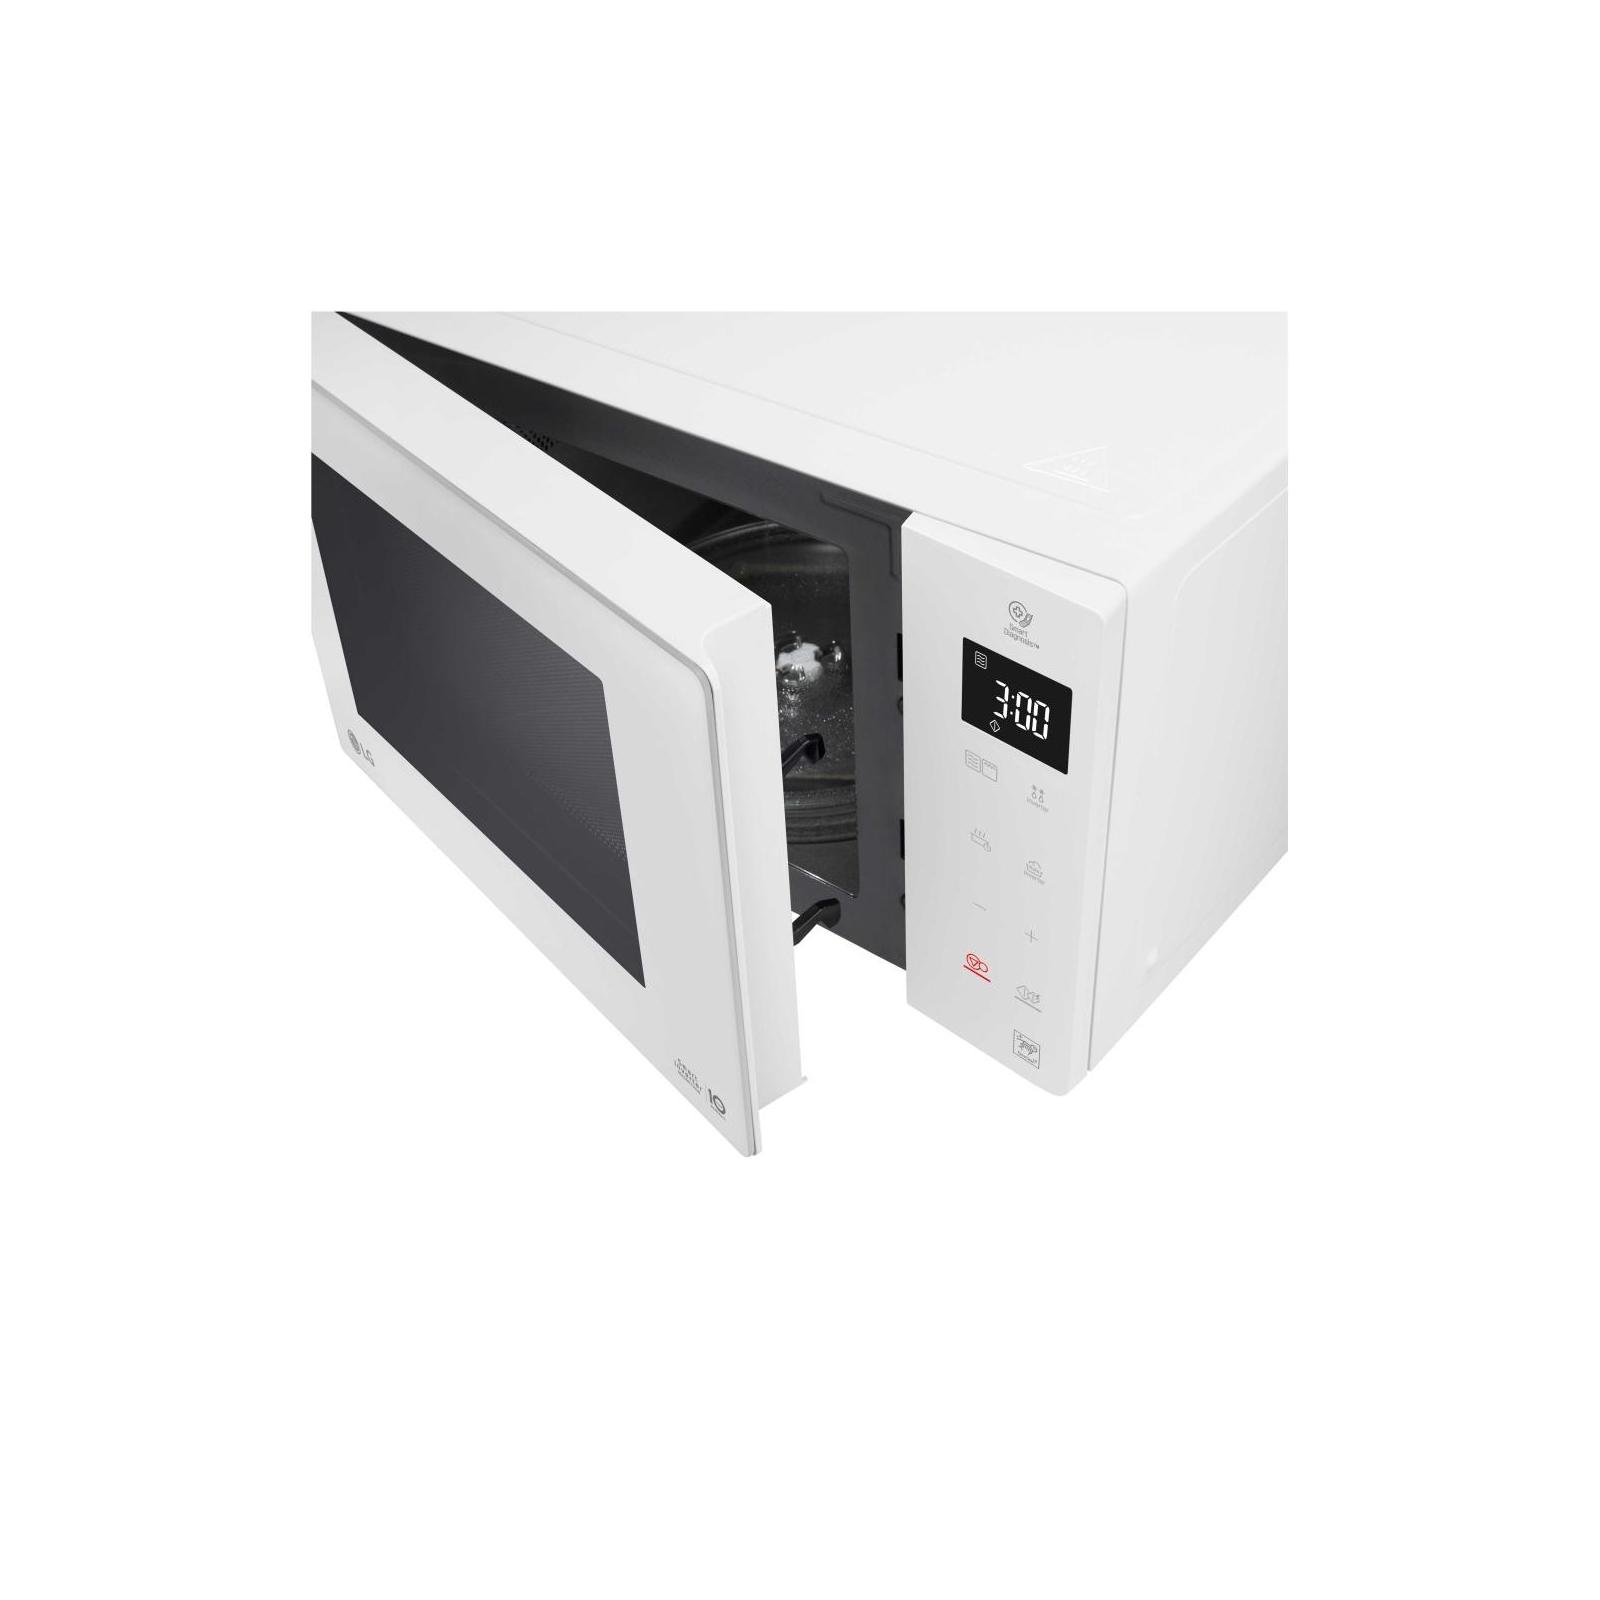 Микроволновая печь LG MH6336GIH изображение 7